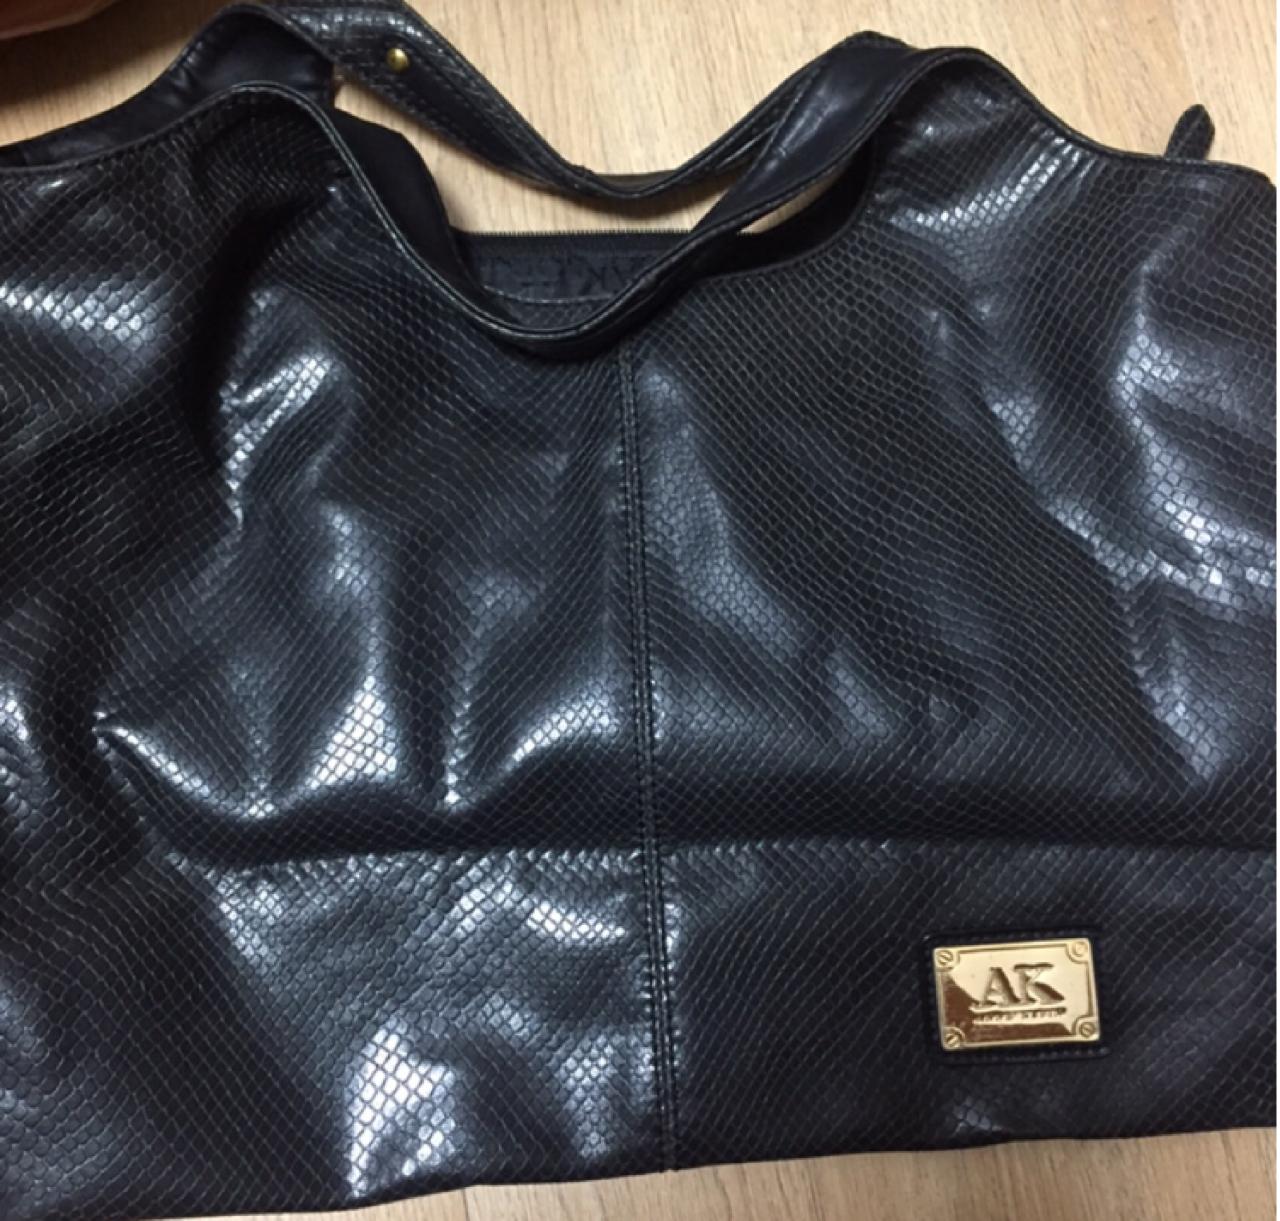 가방,여성가방,앤클라인,앤클라인가방,짐가방,기저귀가방